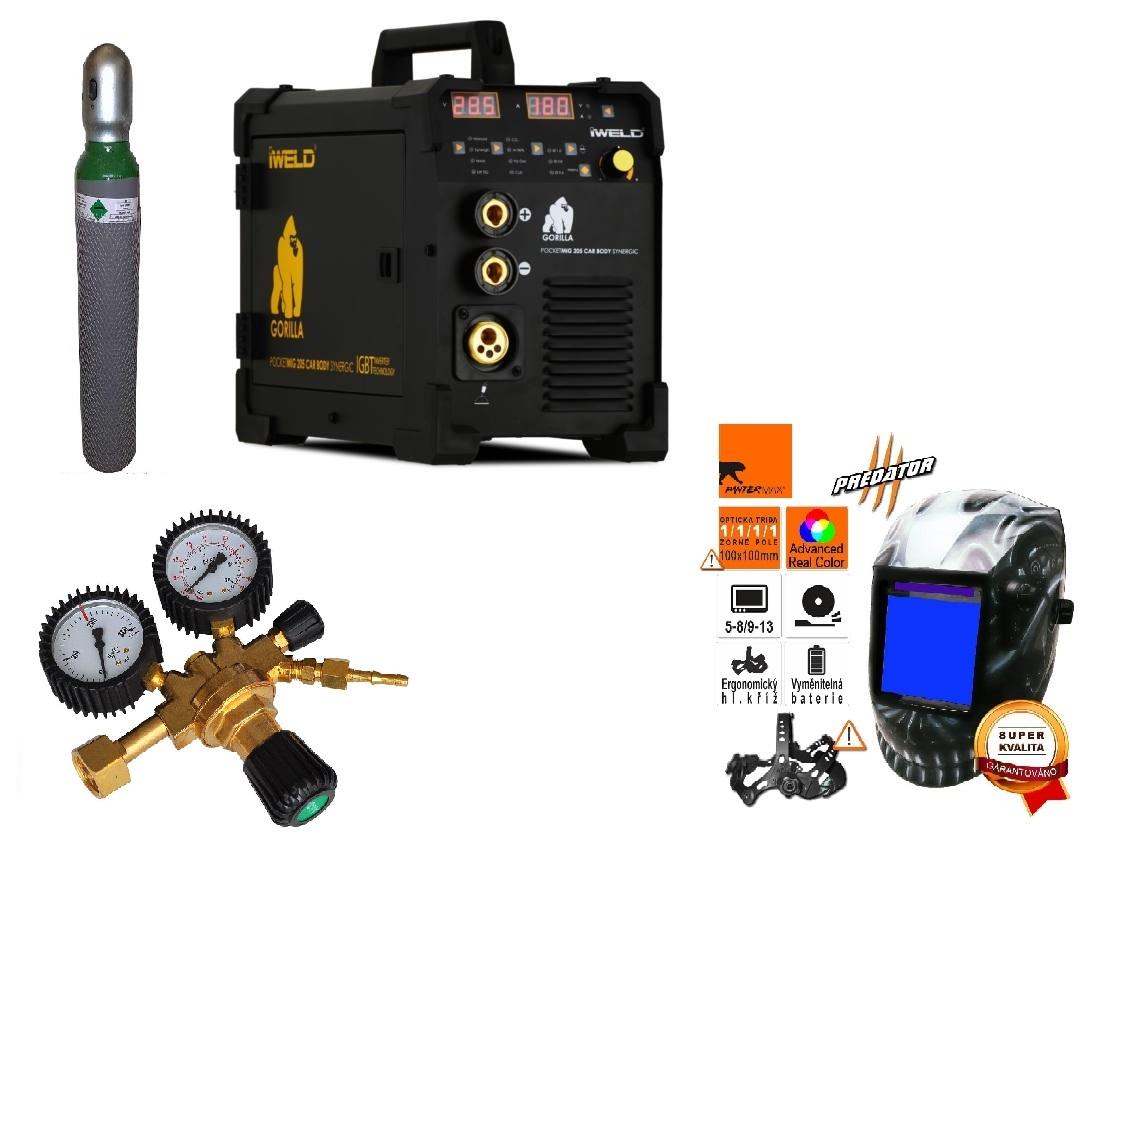 Gorilla PocketMig 205 Varianta: SET 26: svářečka s výbavou v popisu stroje + kukla profi + RV Argon + lahev Argon plná výhodný SET - další příslušenství ZDARMA